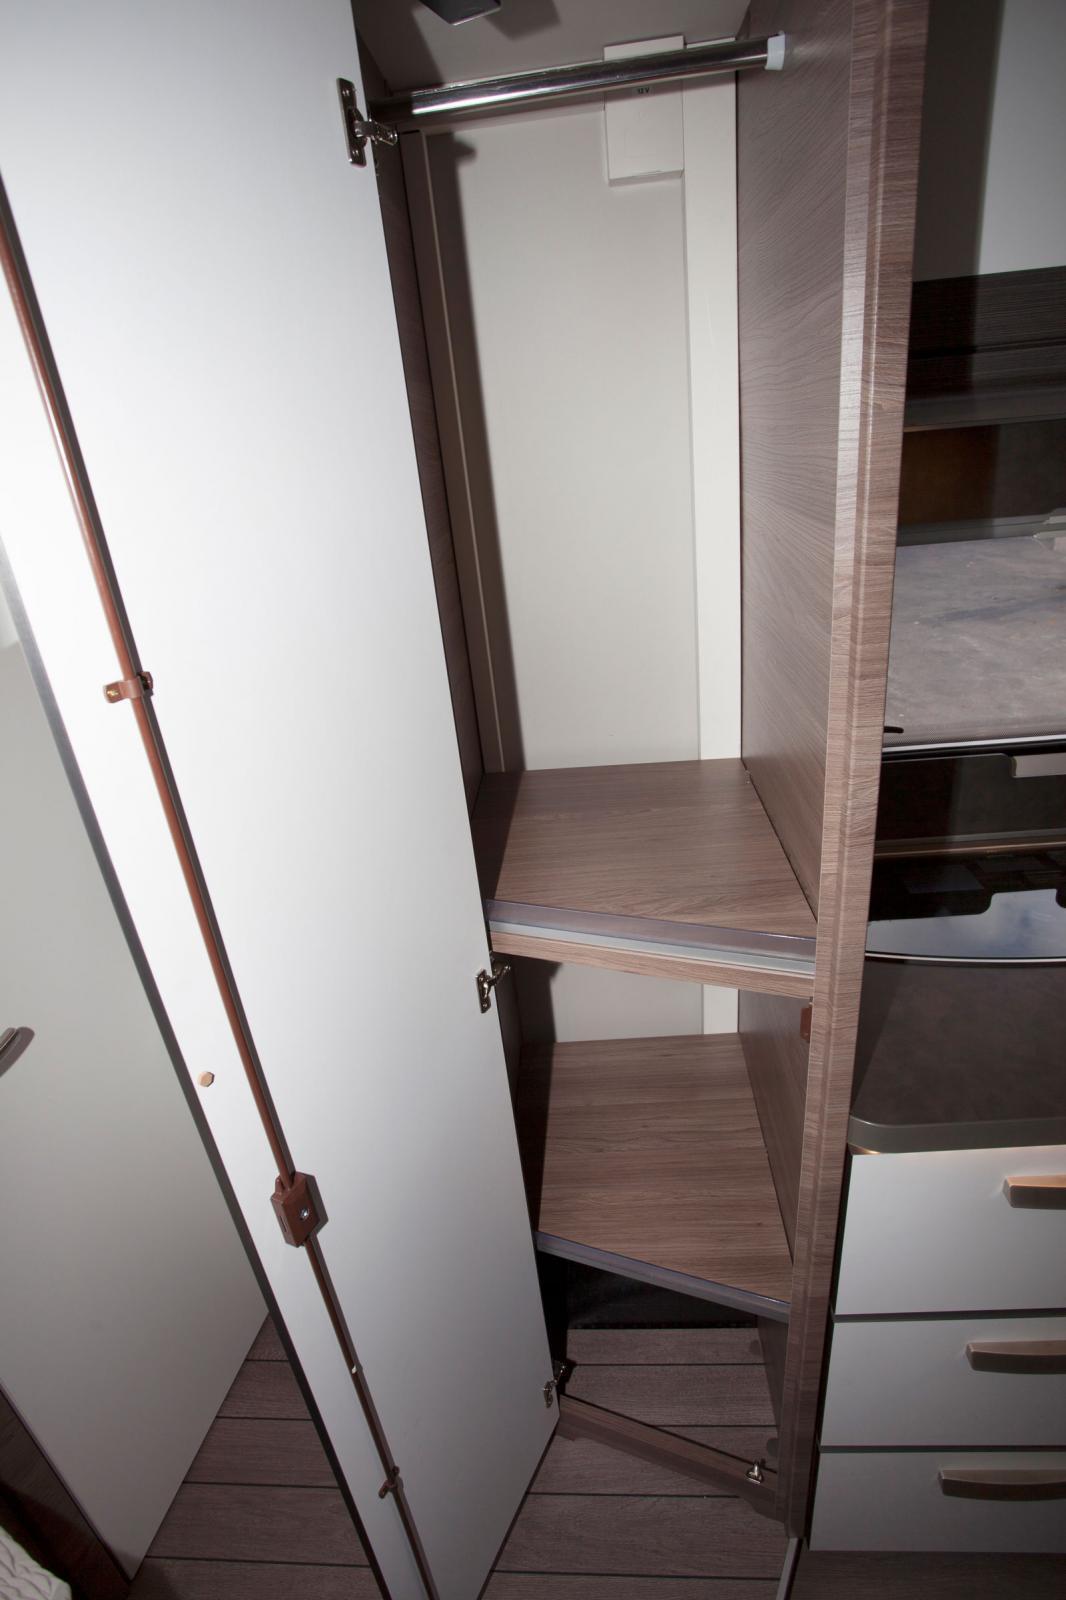 En garderob med klädstång är placerad mellan kök och badrum.